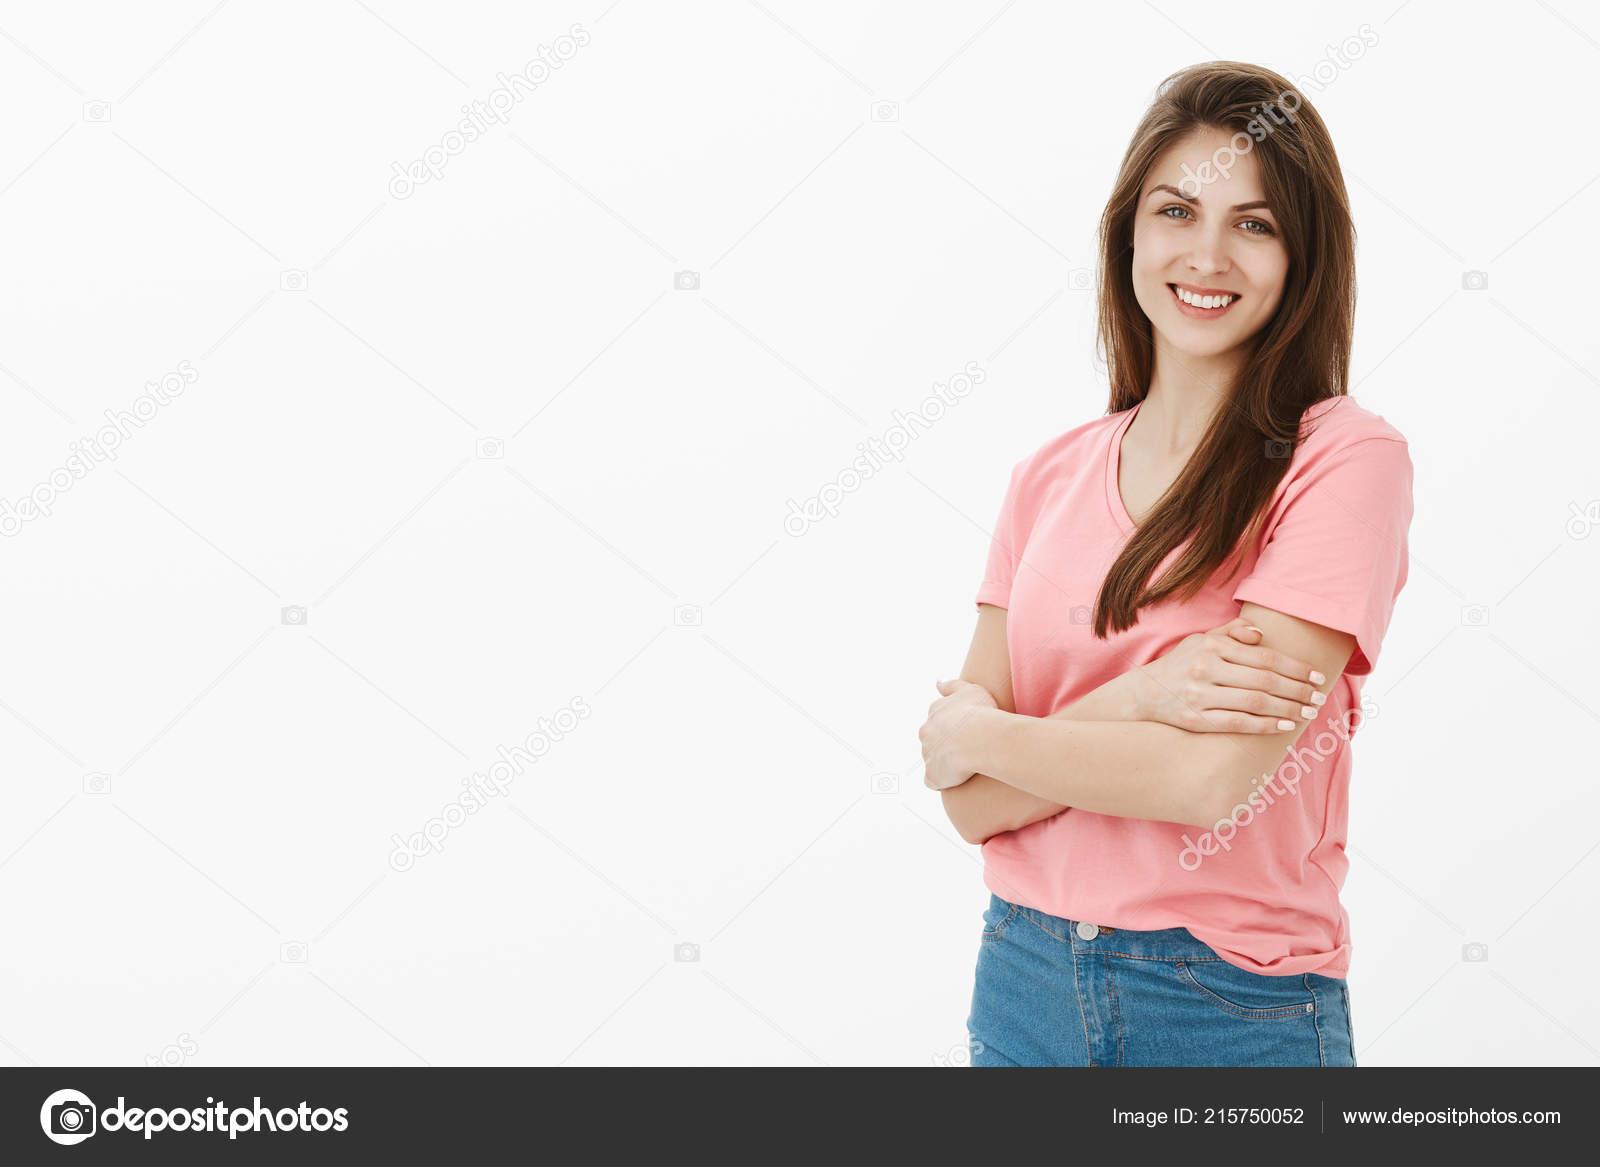 e272c29a077c Positive entspannte süße Kaukasische Mädchen mit braunen Haaren, Hand in  Hand auf Brust gekreuzt und grinsend in die Kamera, Gefühl schüchtern beim  Versuch ...